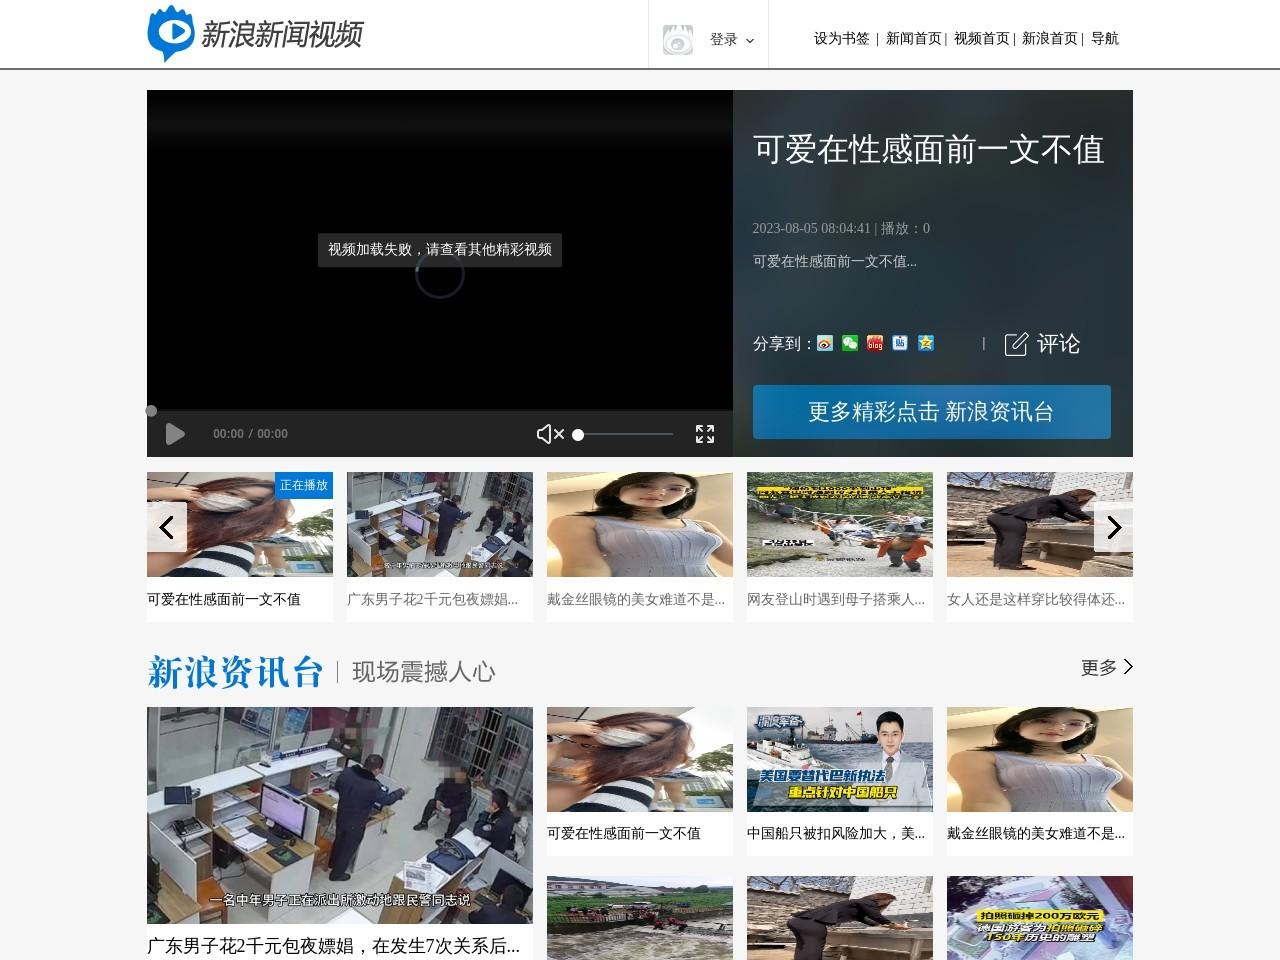 新闻视频_最新新闻事件报道_最新新闻视频在线观看_新浪视频